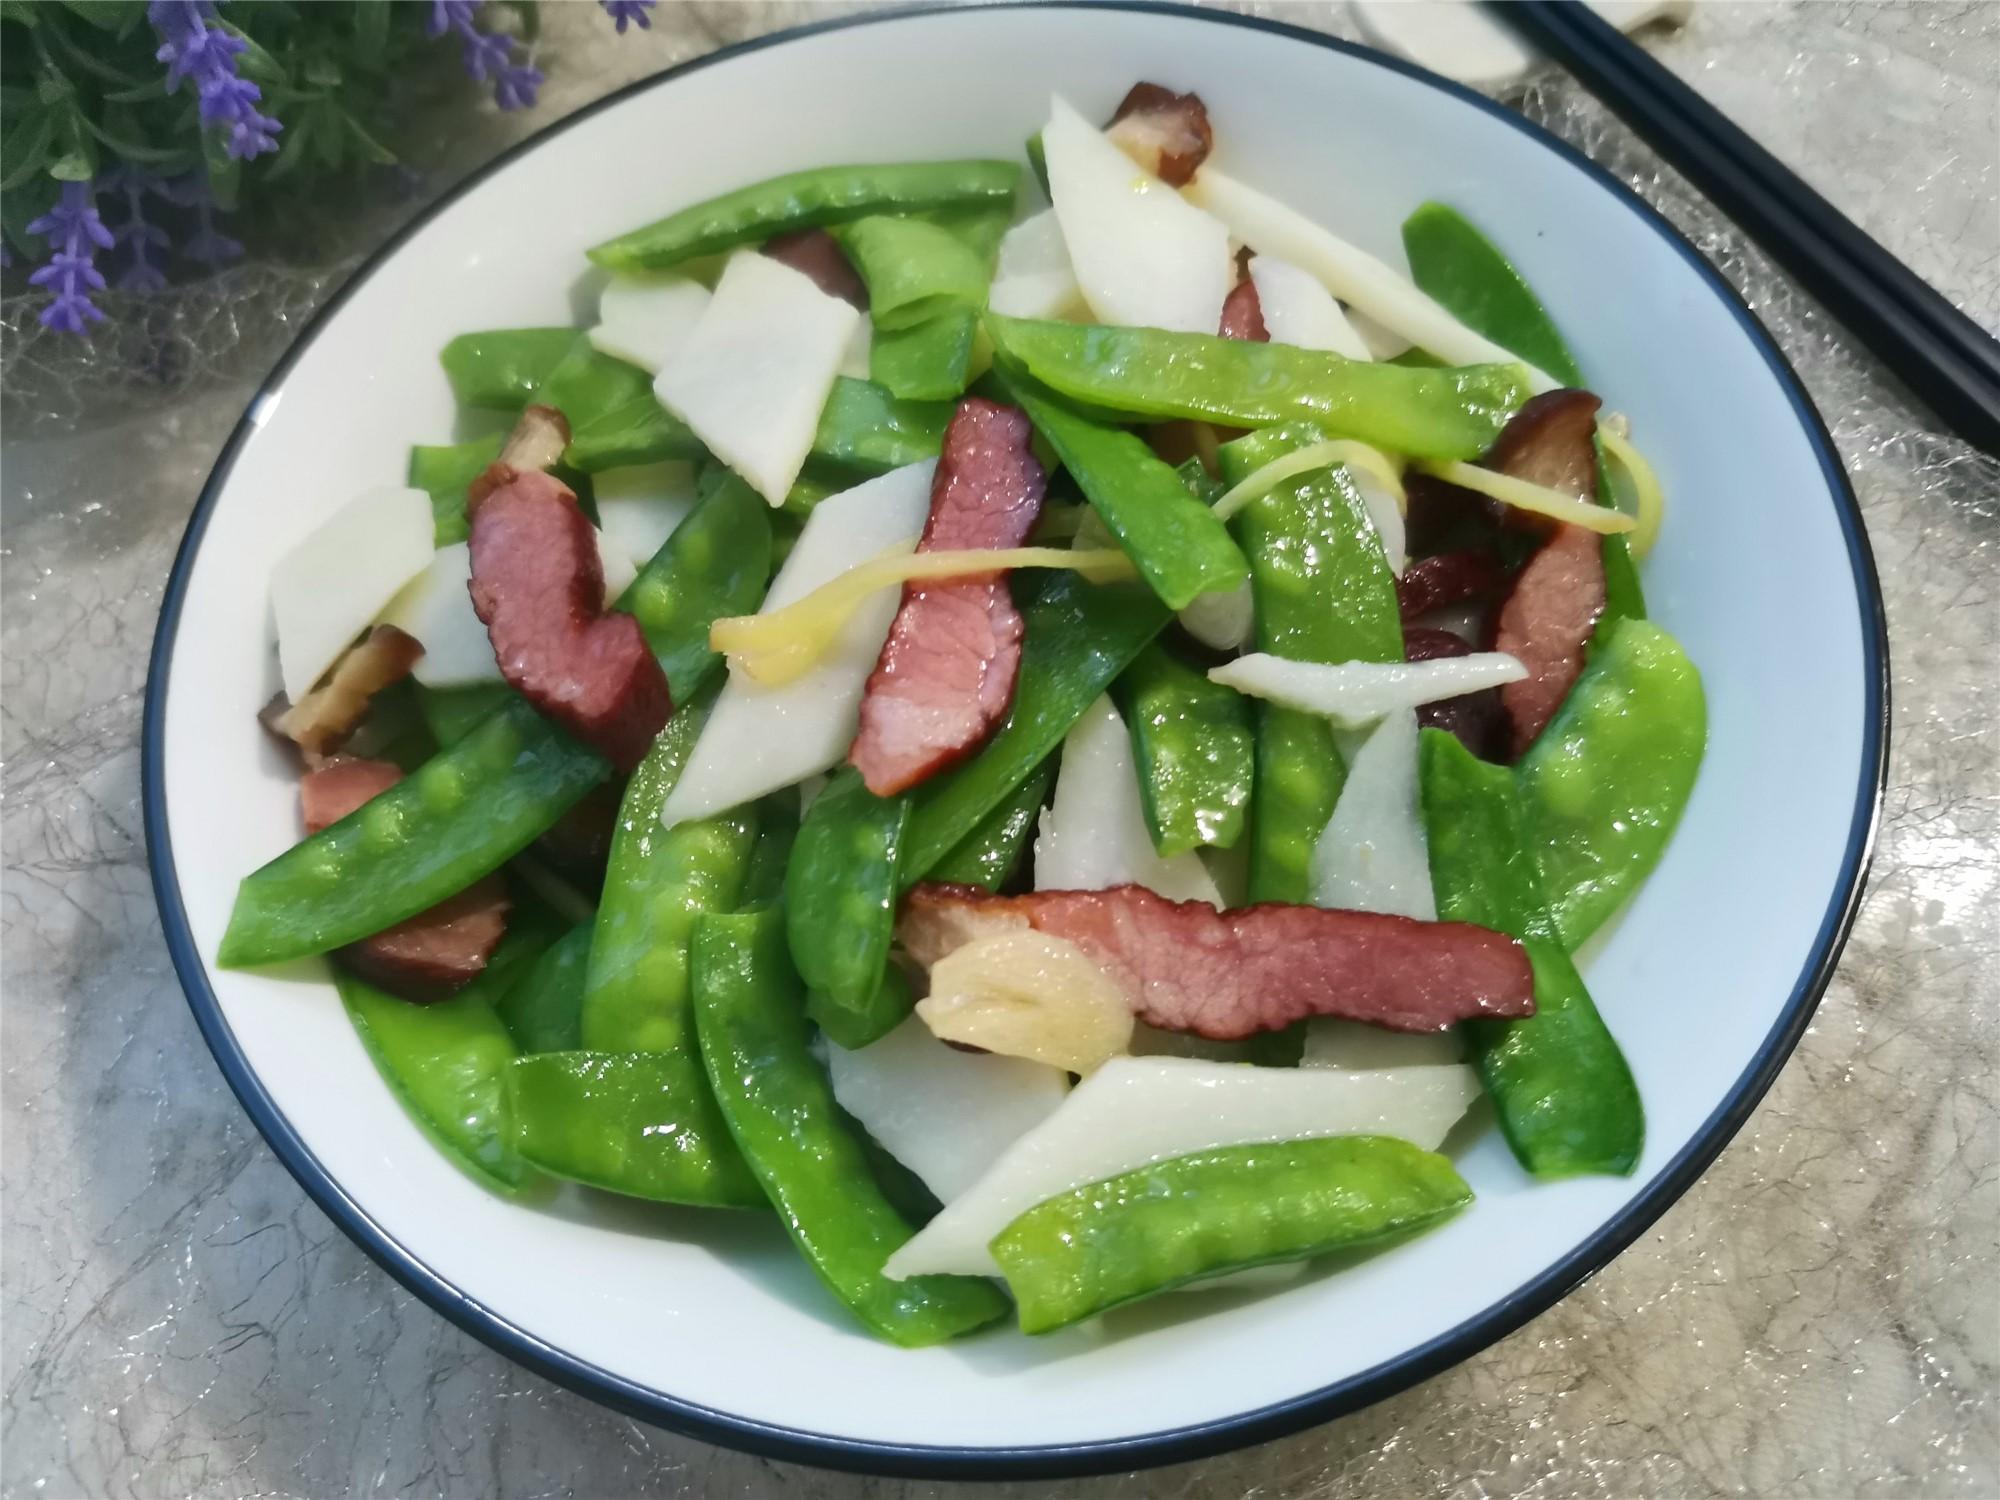 【腊肉别总蒸着吃,这样简单炒一炒,荤素搭配味更美,适合春节家宴】